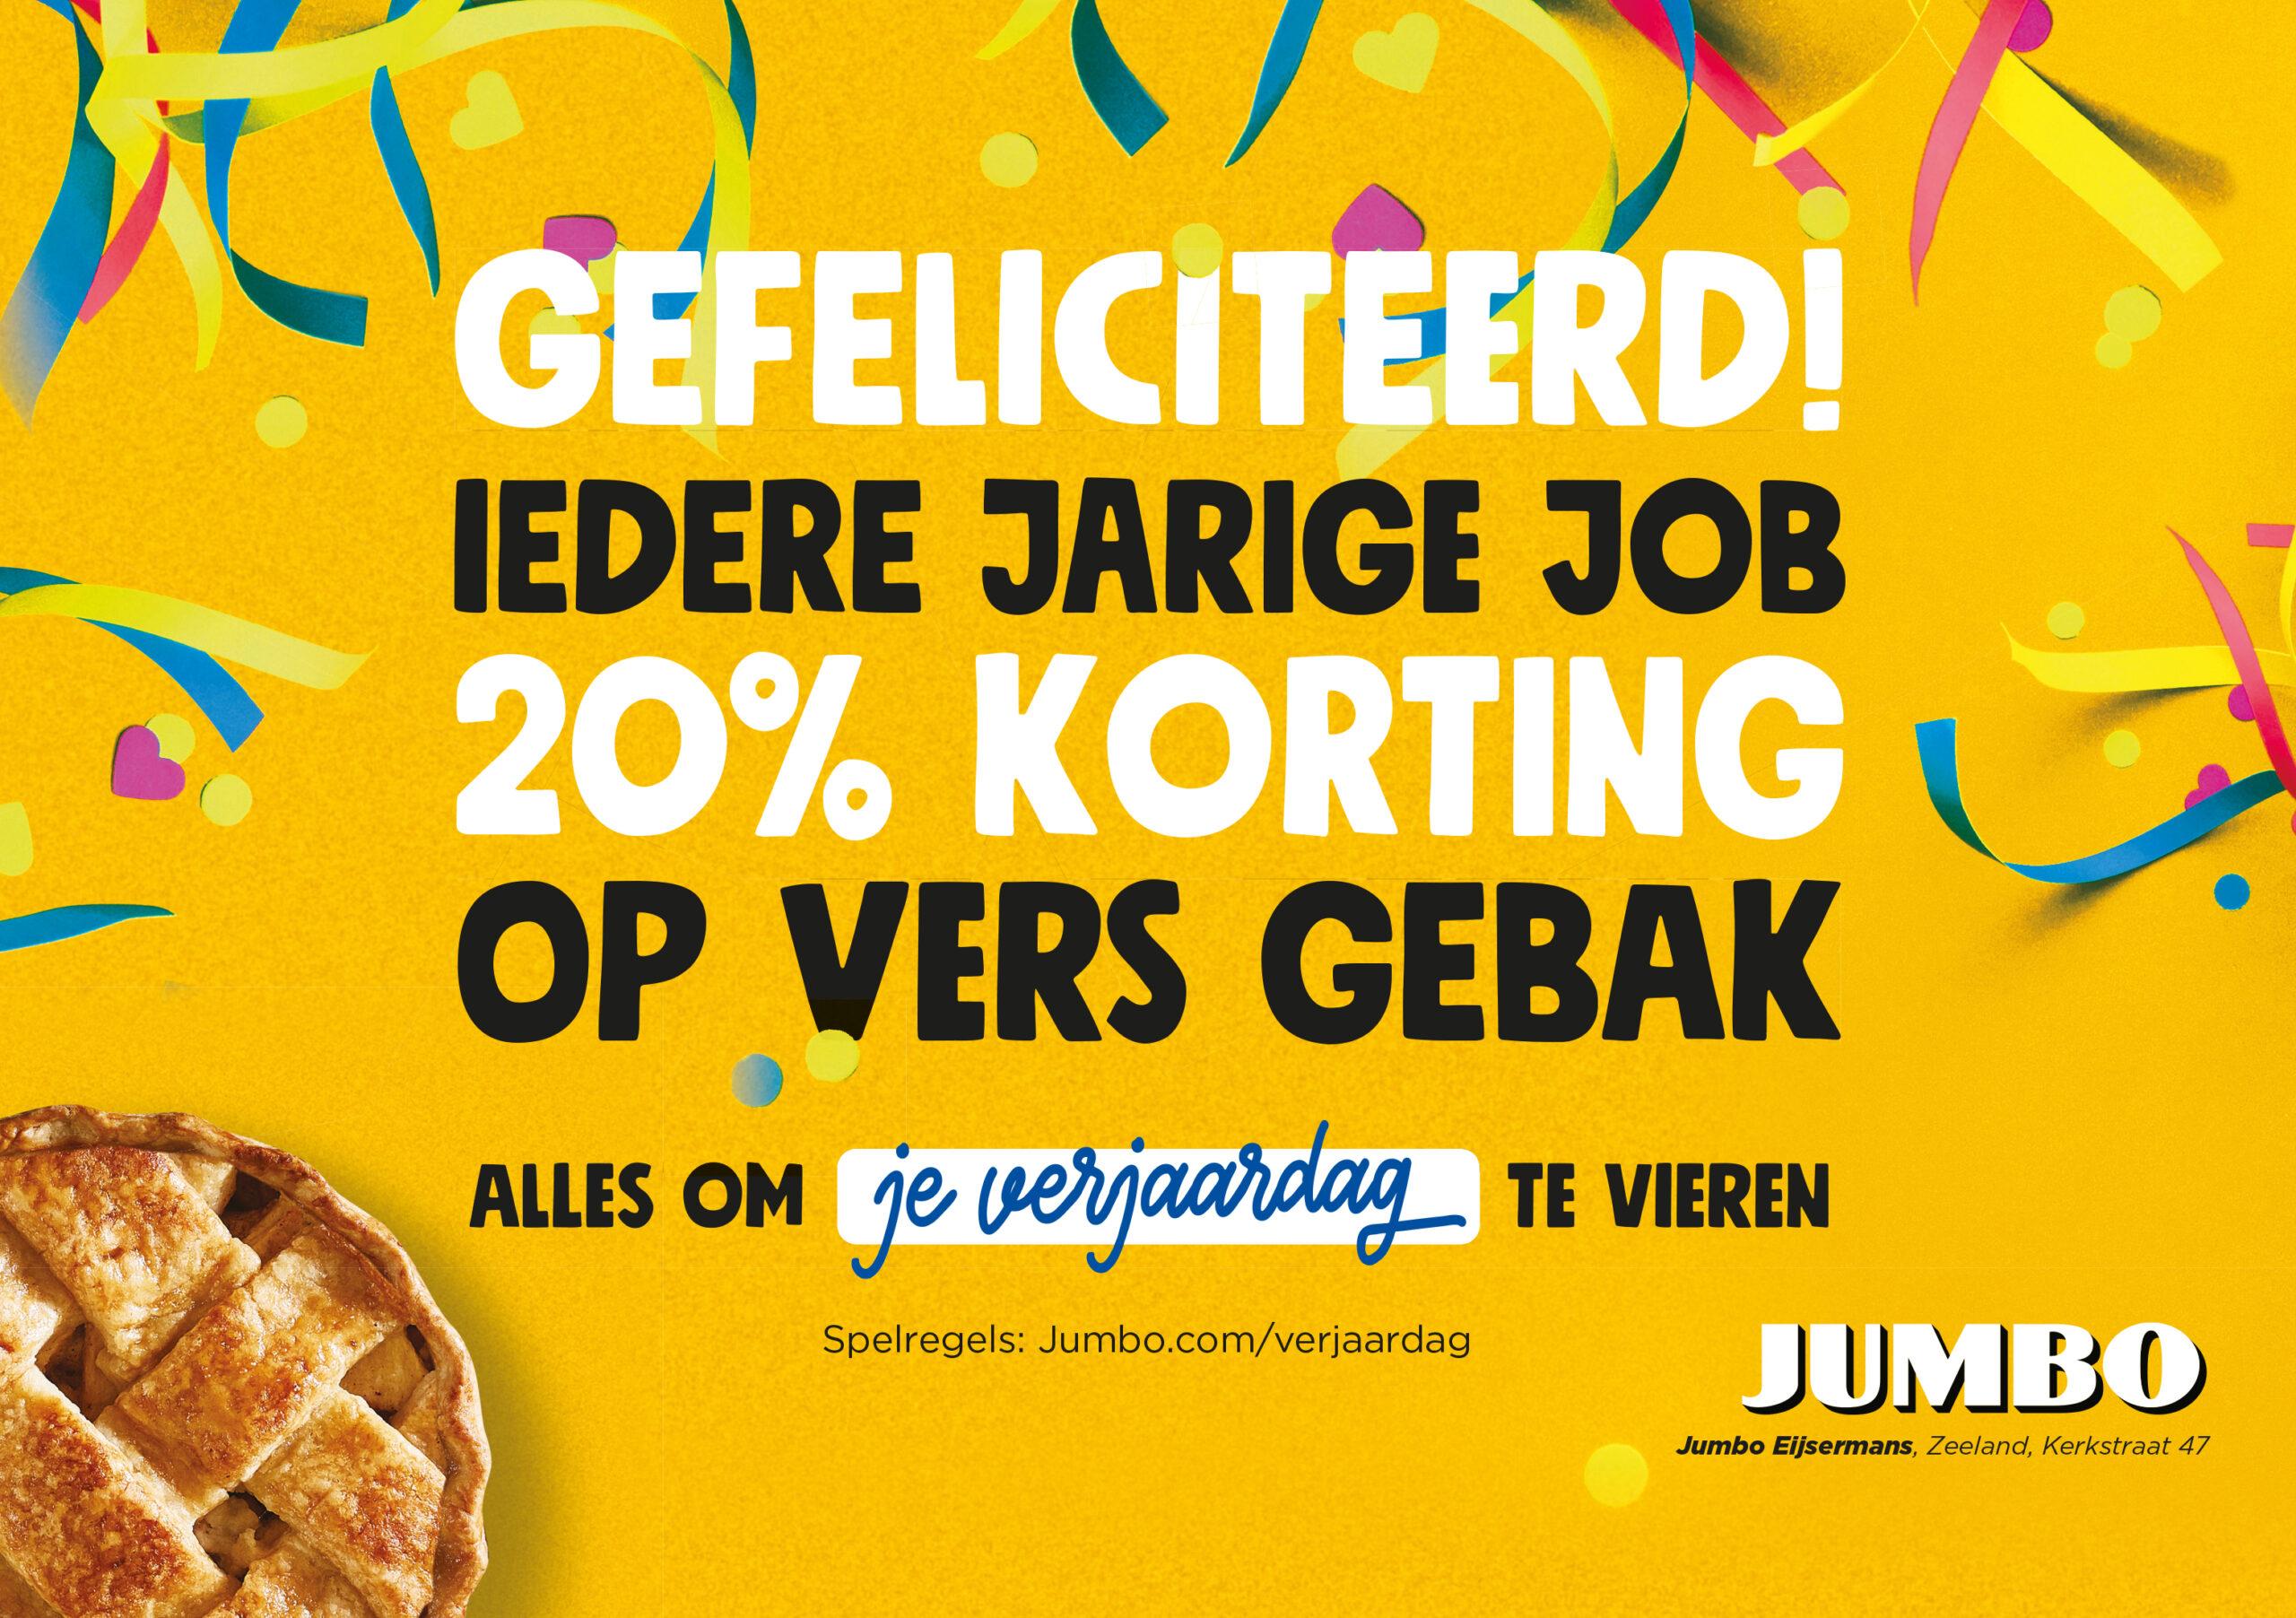 Iedere jarige job 20% korting op vers gebak!